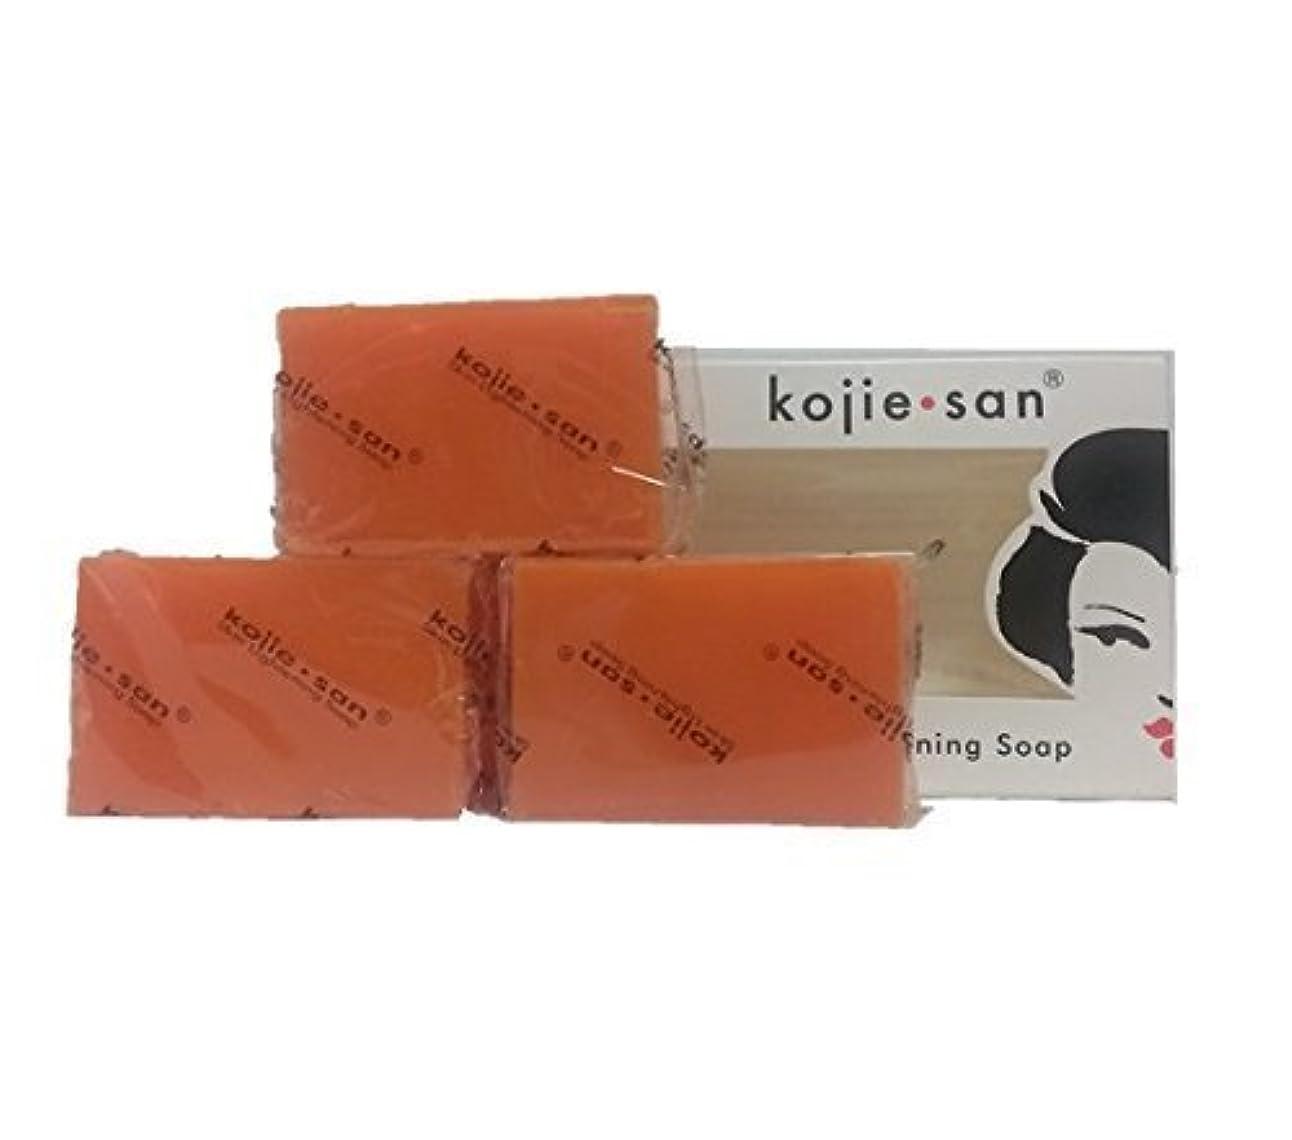 猫背染色投げ捨てるKojie san Skin Lightning Soap 3 pcs こじえさんスキンライトニングソープ3個パック [並行輸入品]